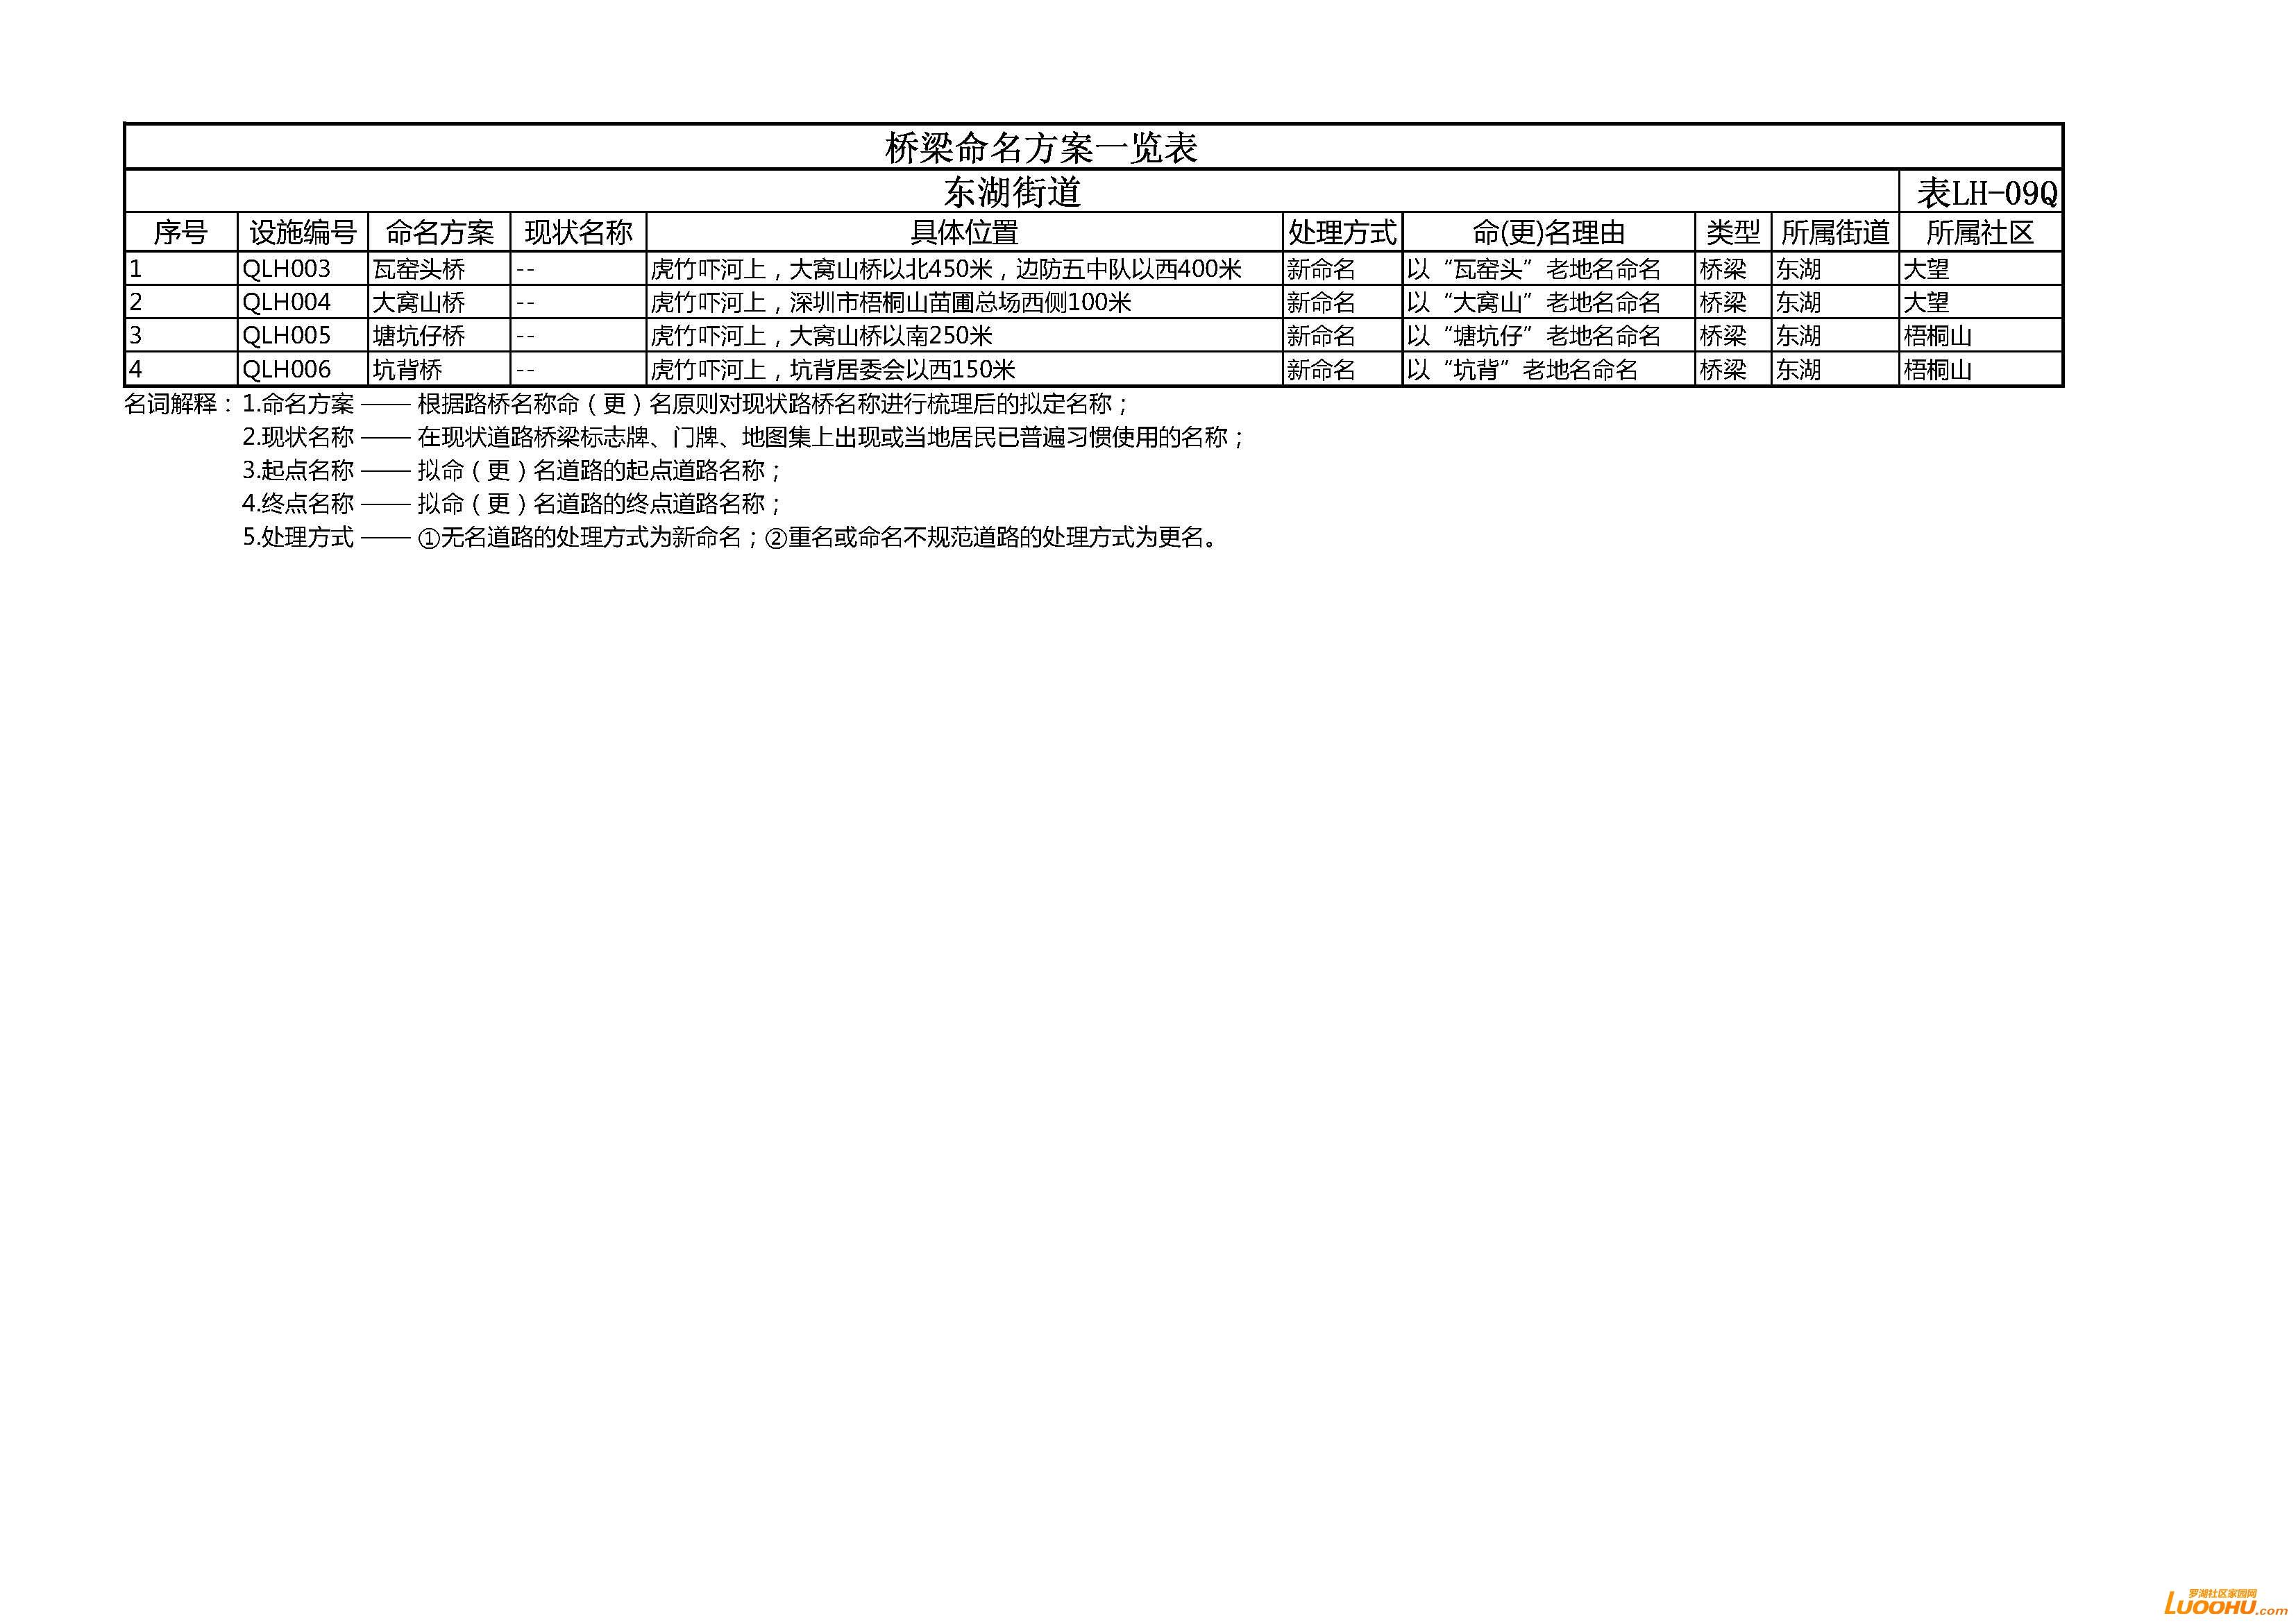 表LH-09Q.jpg